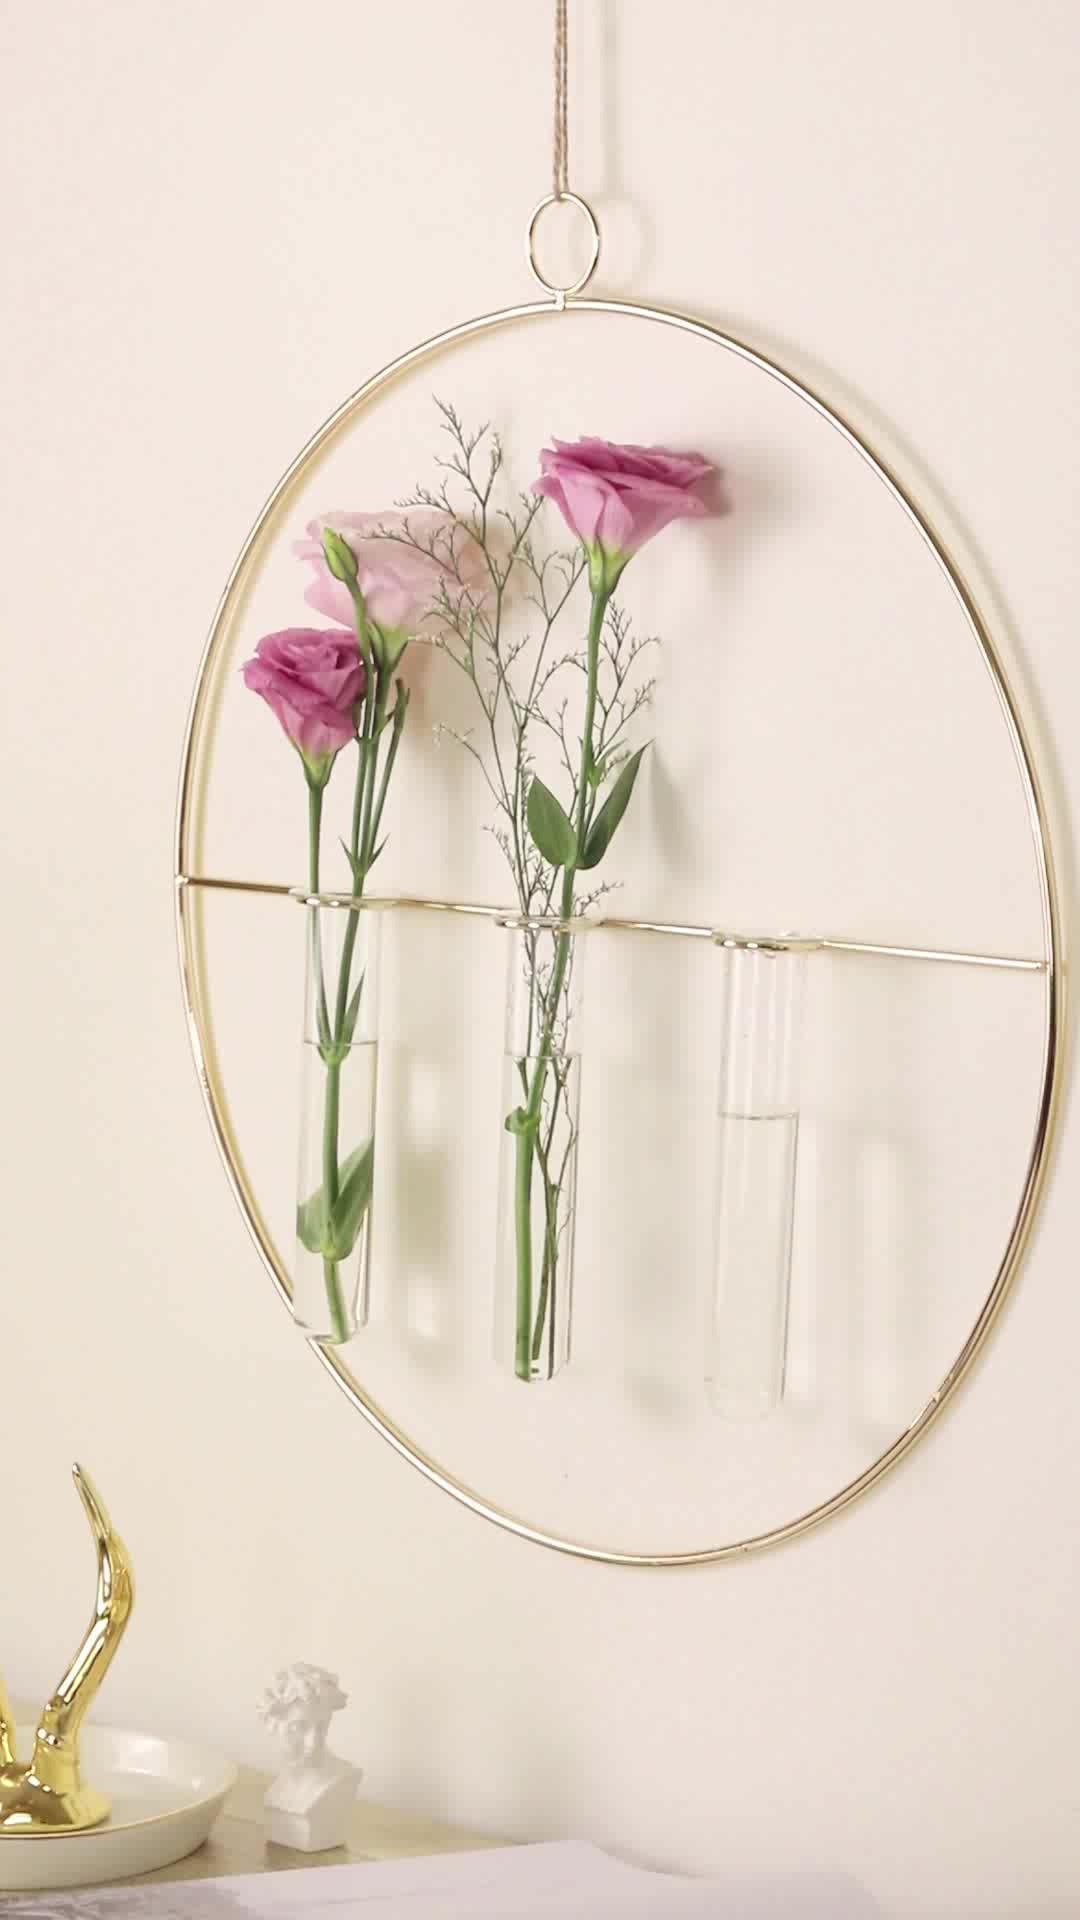 Grand vase à fleurs mural suspendu en verre doré, vase style nordique, décoration pour la maison, offre spéciale